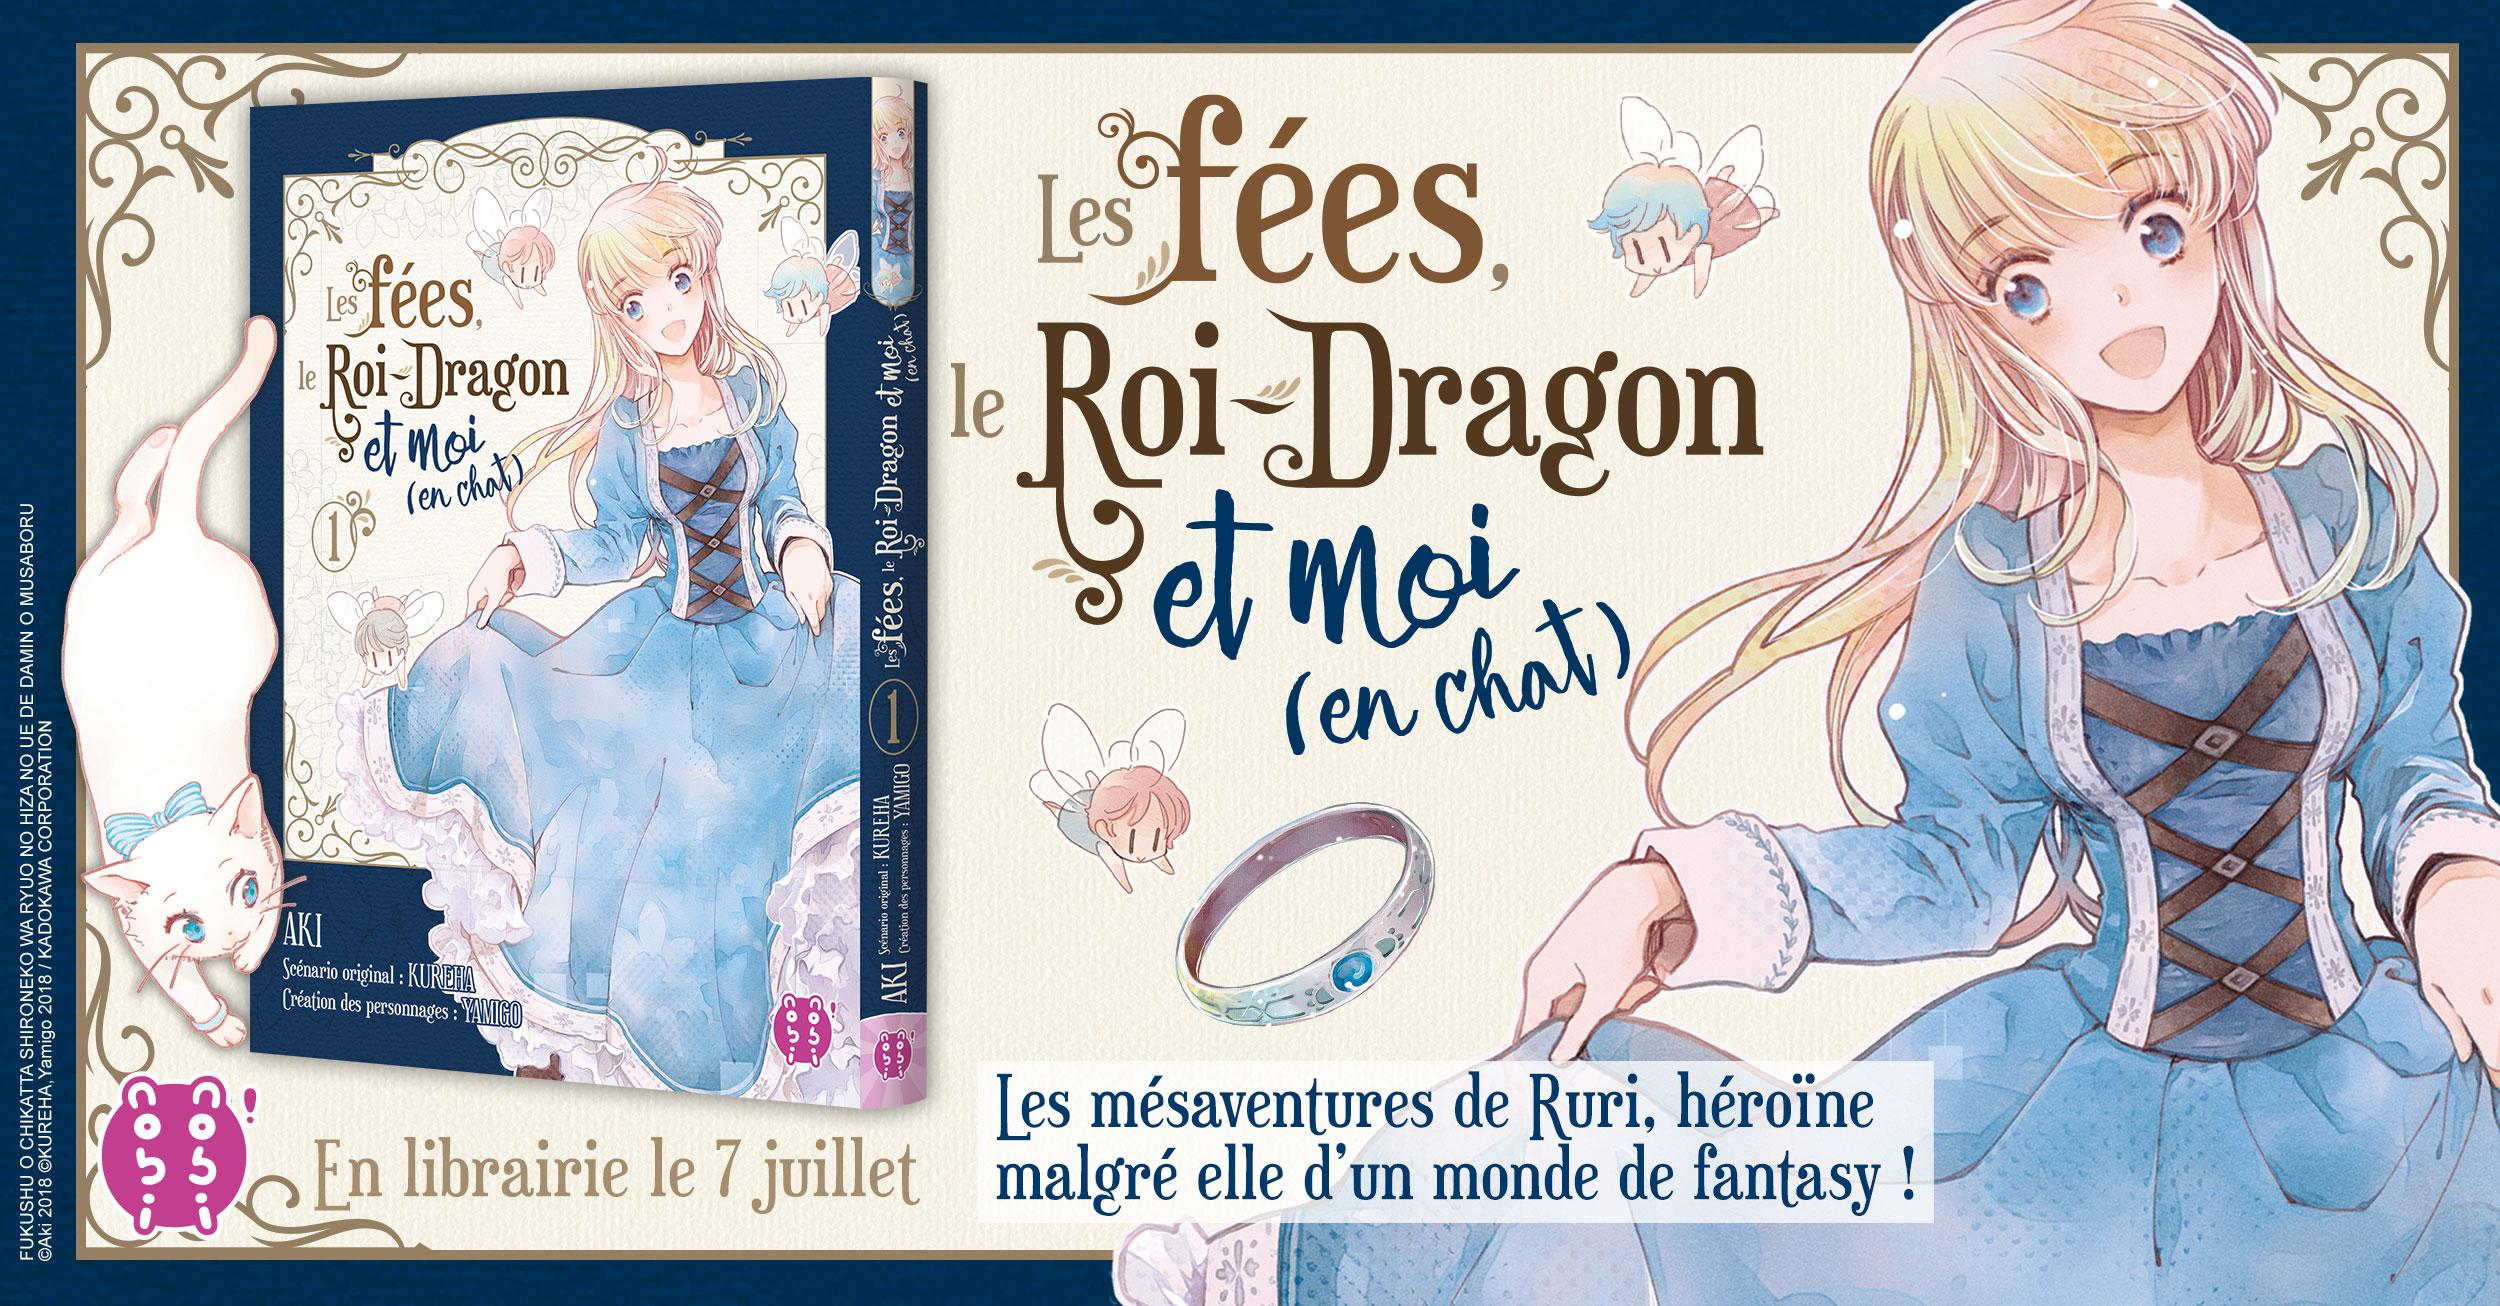 Les Fees, Le Roi-Dragon et Moi (En chat) Annonce